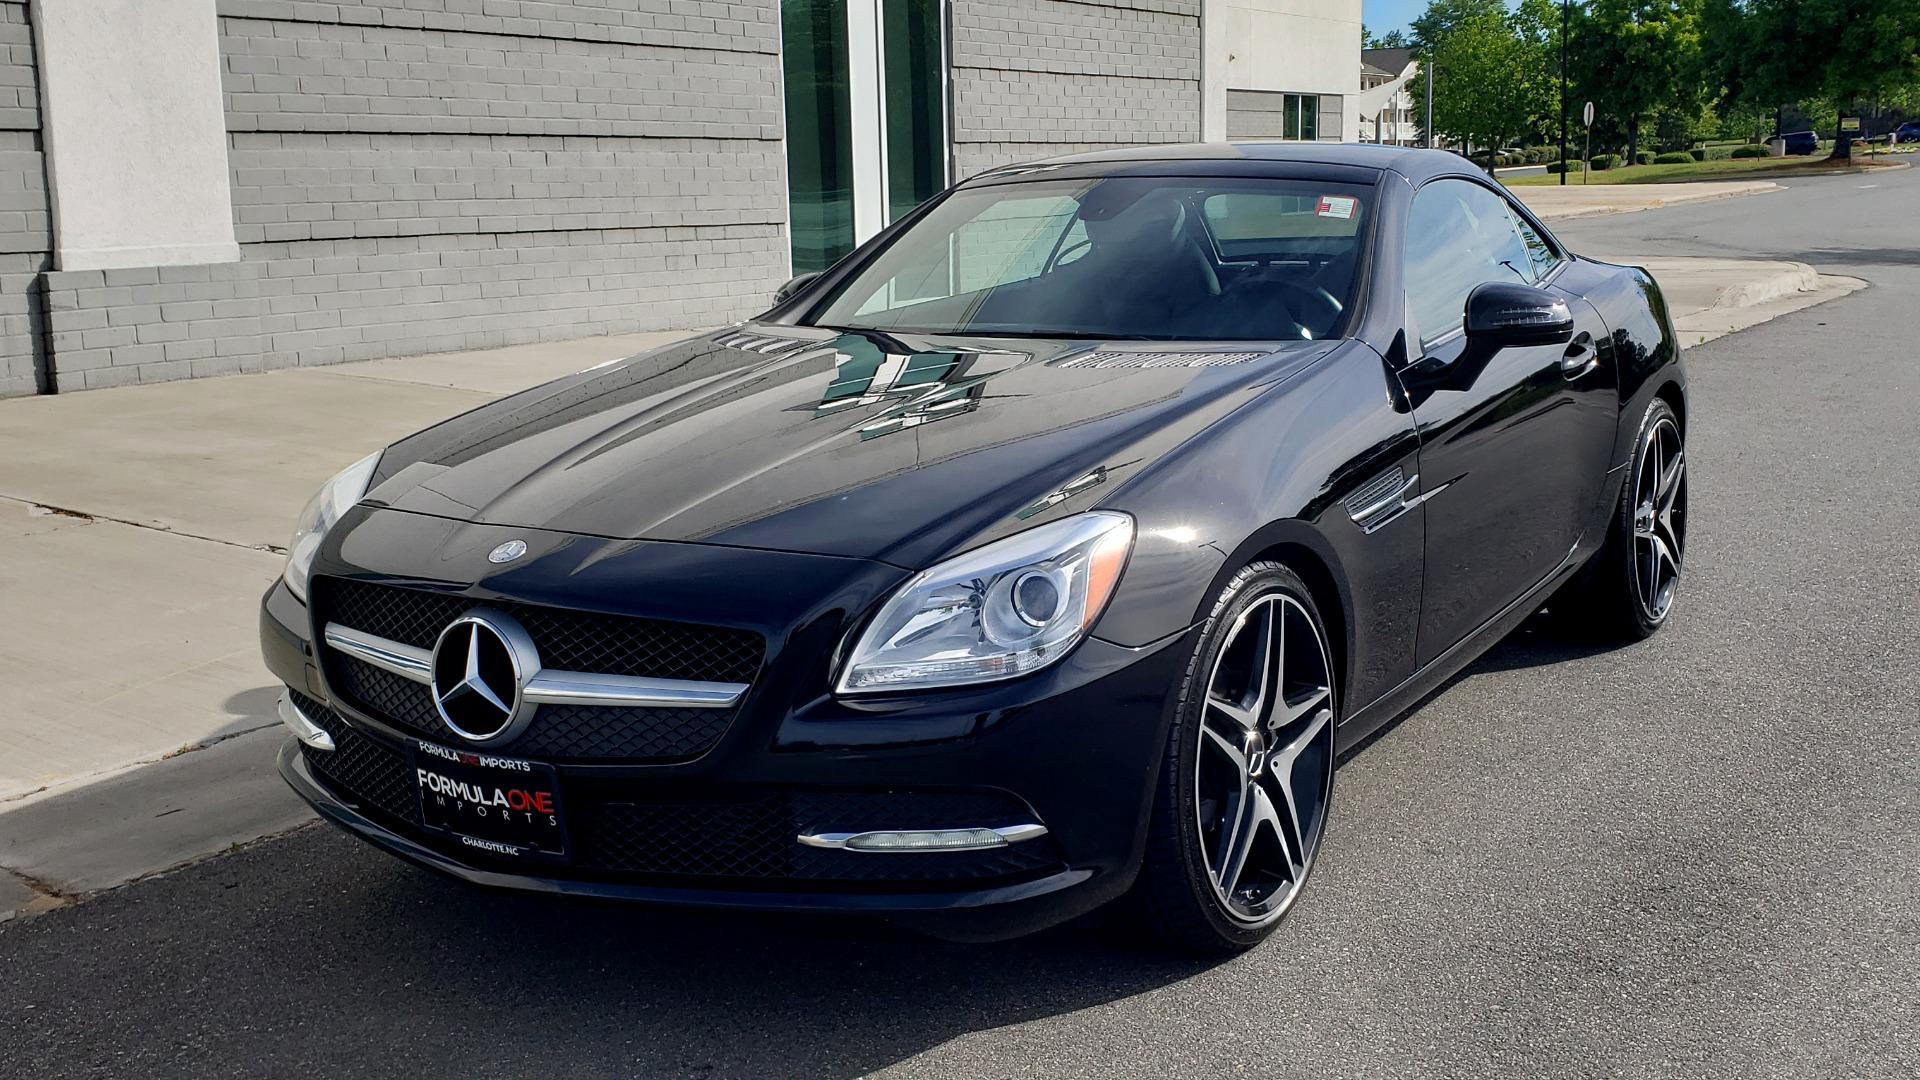 Used 2012 Mercedes-Benz SLK-CLASS SLK 250 ROADSTER / PREM 1 PKG / COMAND LAUNCH PKG / 7-SPD AUTO for sale $24,995 at Formula Imports in Charlotte NC 28227 5